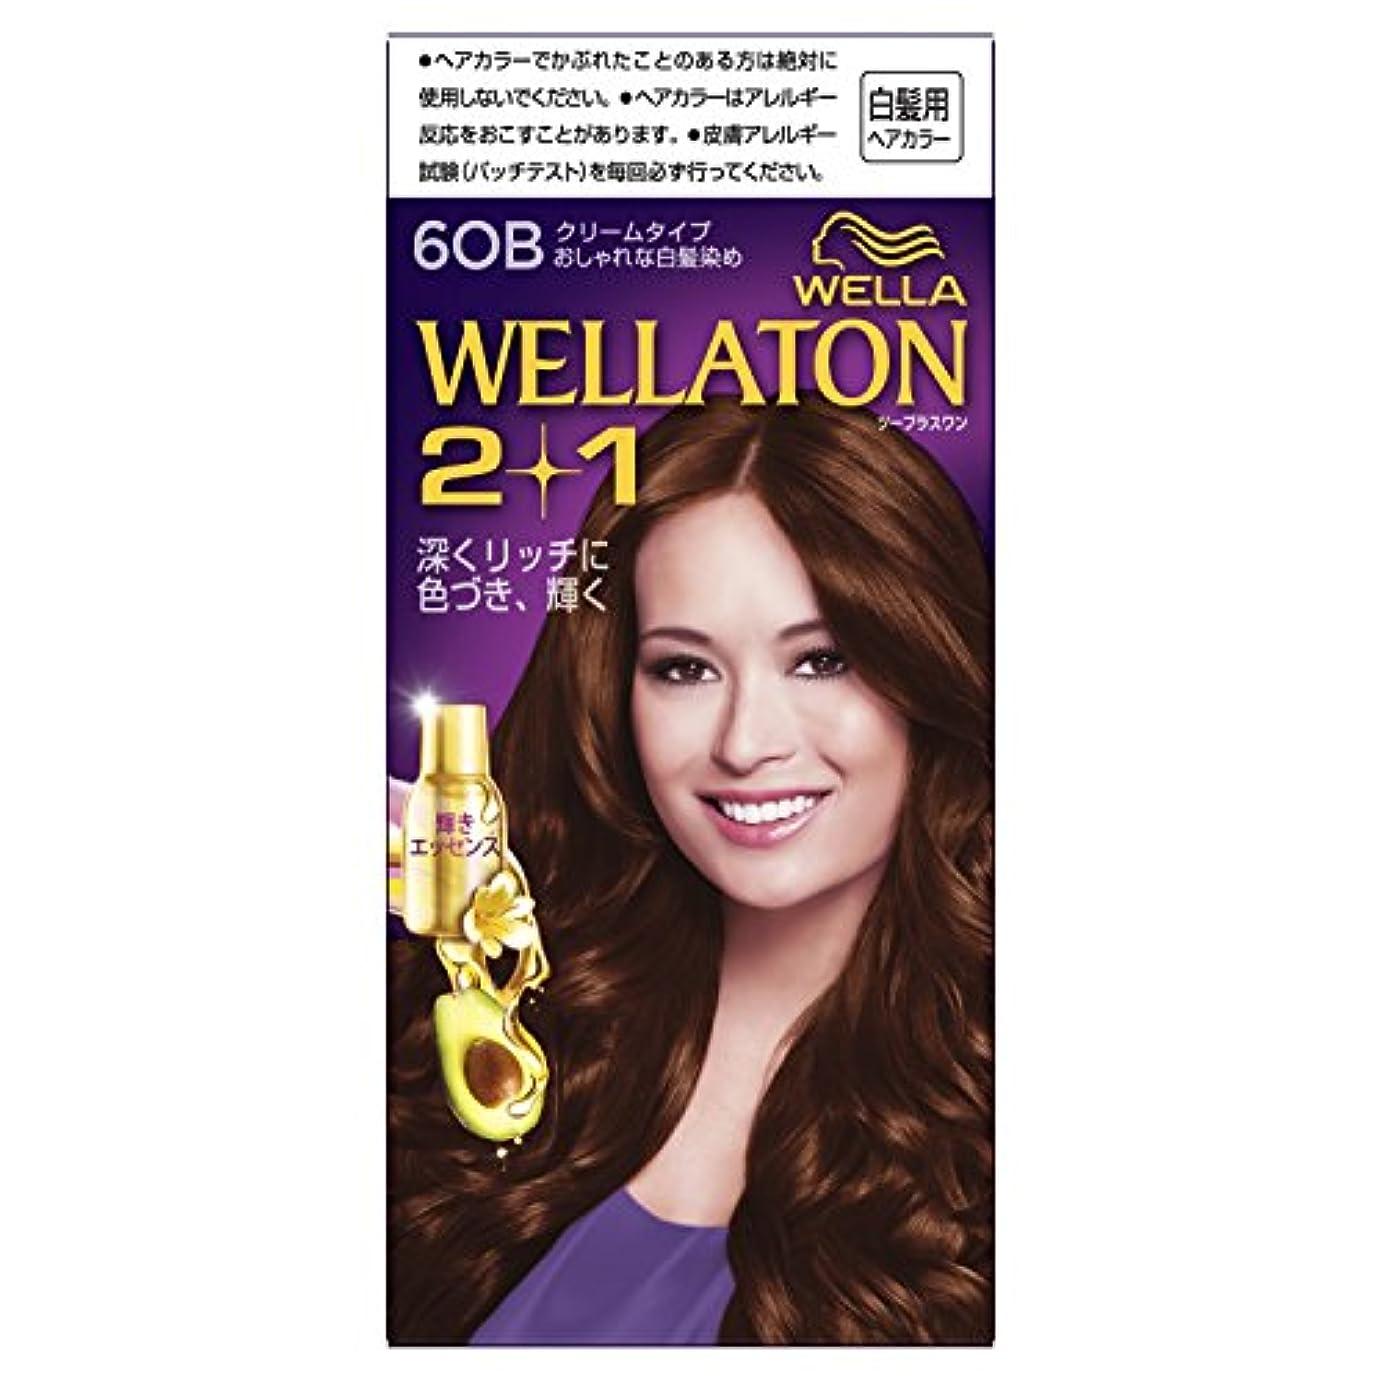 リアル質素な学校の先生ウエラトーン2+1 クリームタイプ 6OB [医薬部外品](おしゃれな白髪染め)